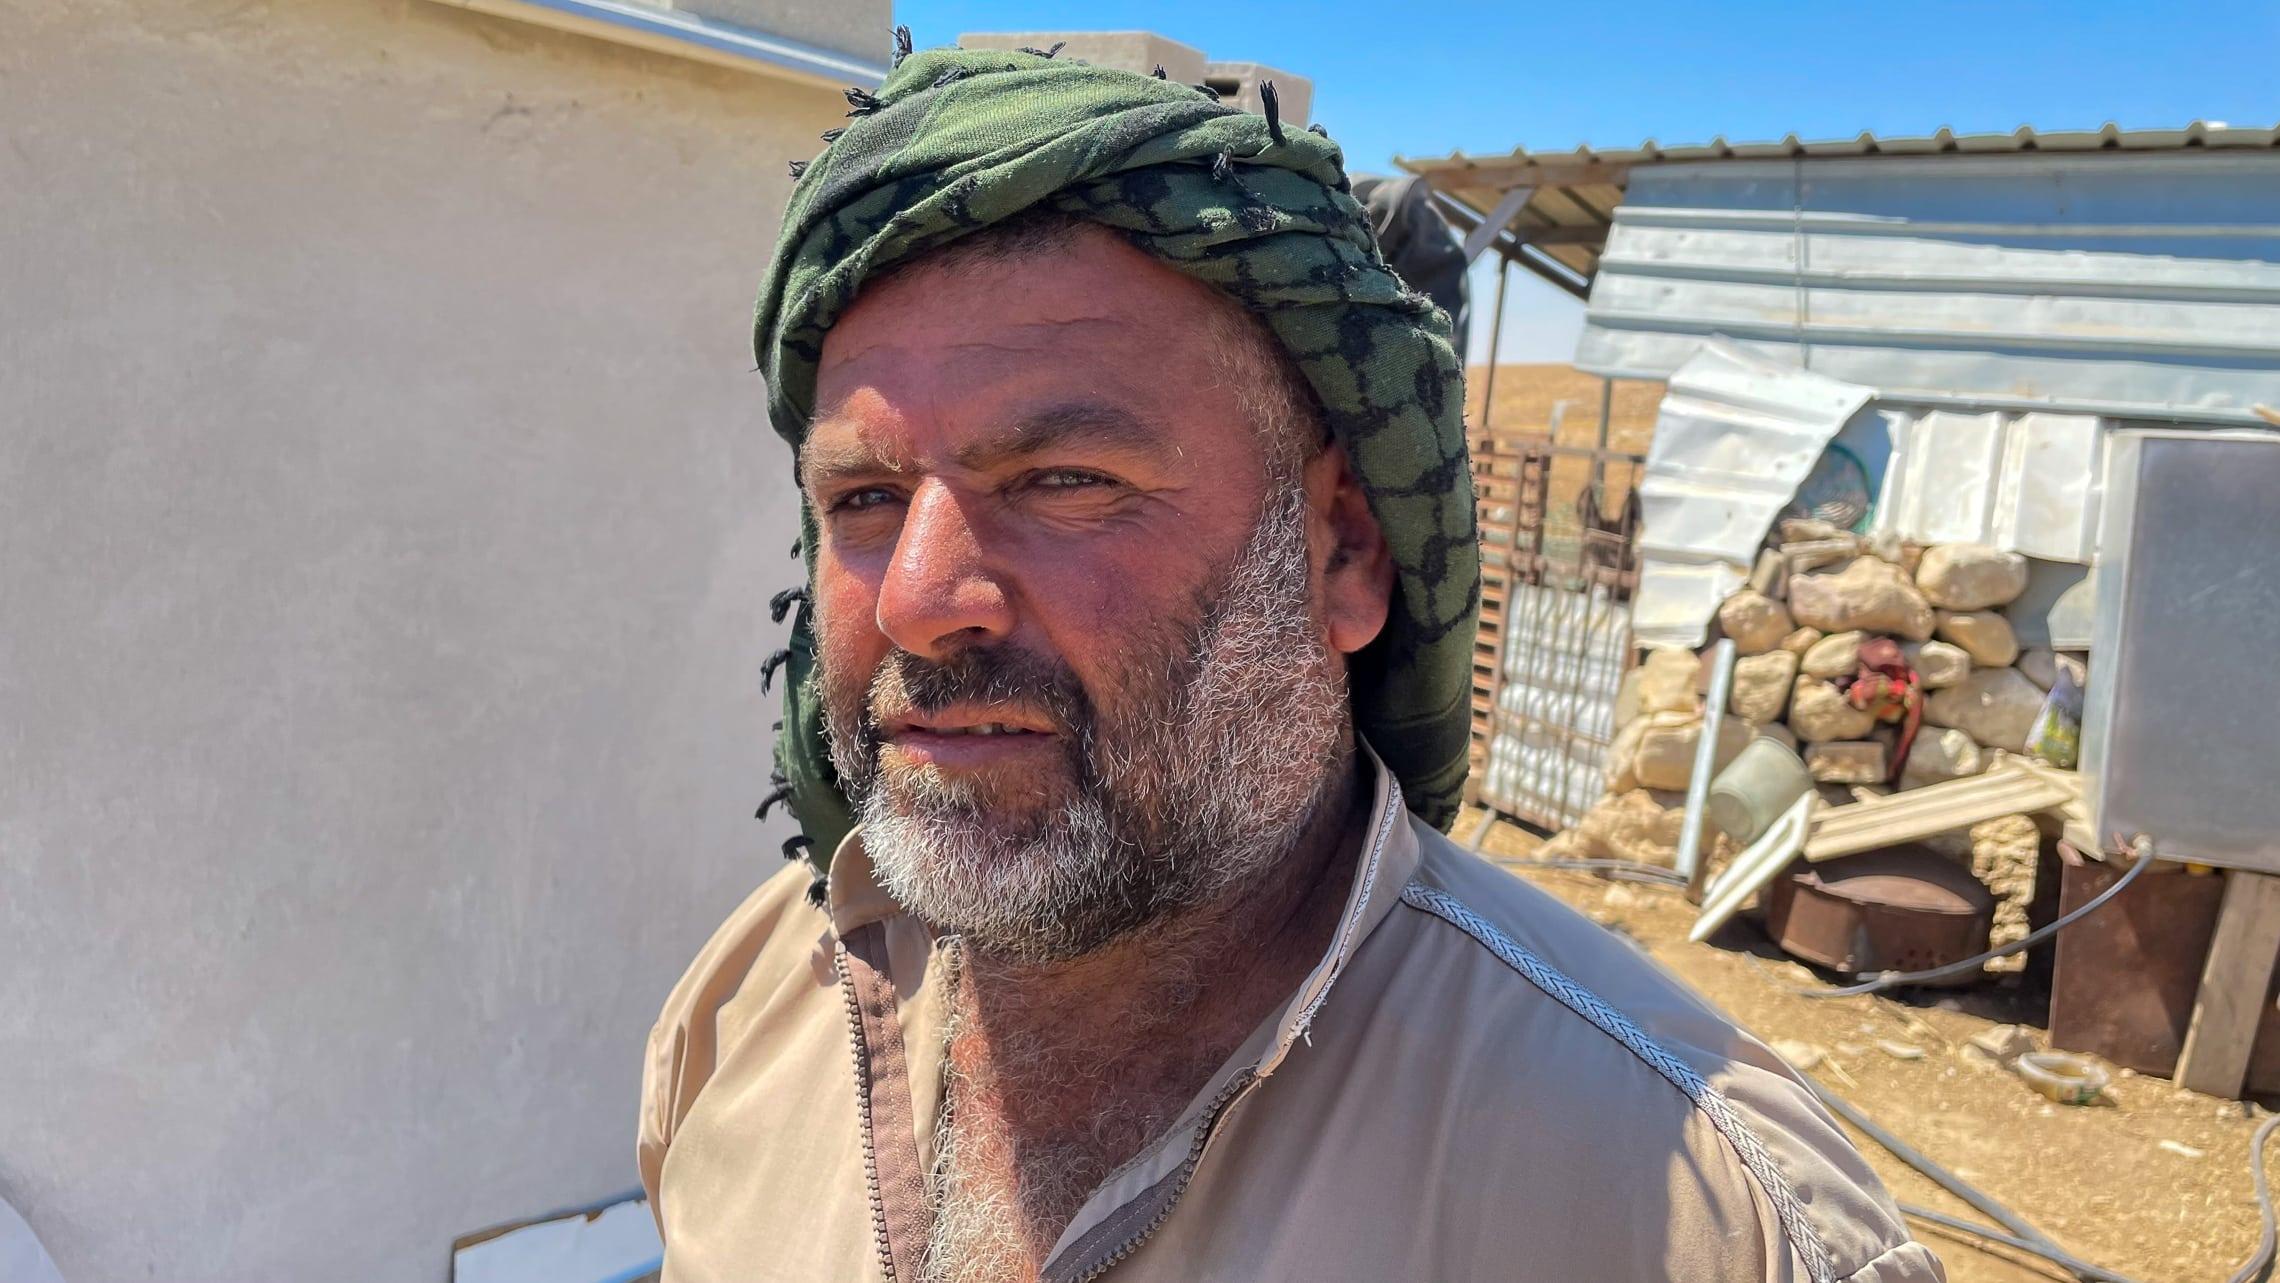 אכרם אבו סובחי (צילום: אמיר בן-דוד)